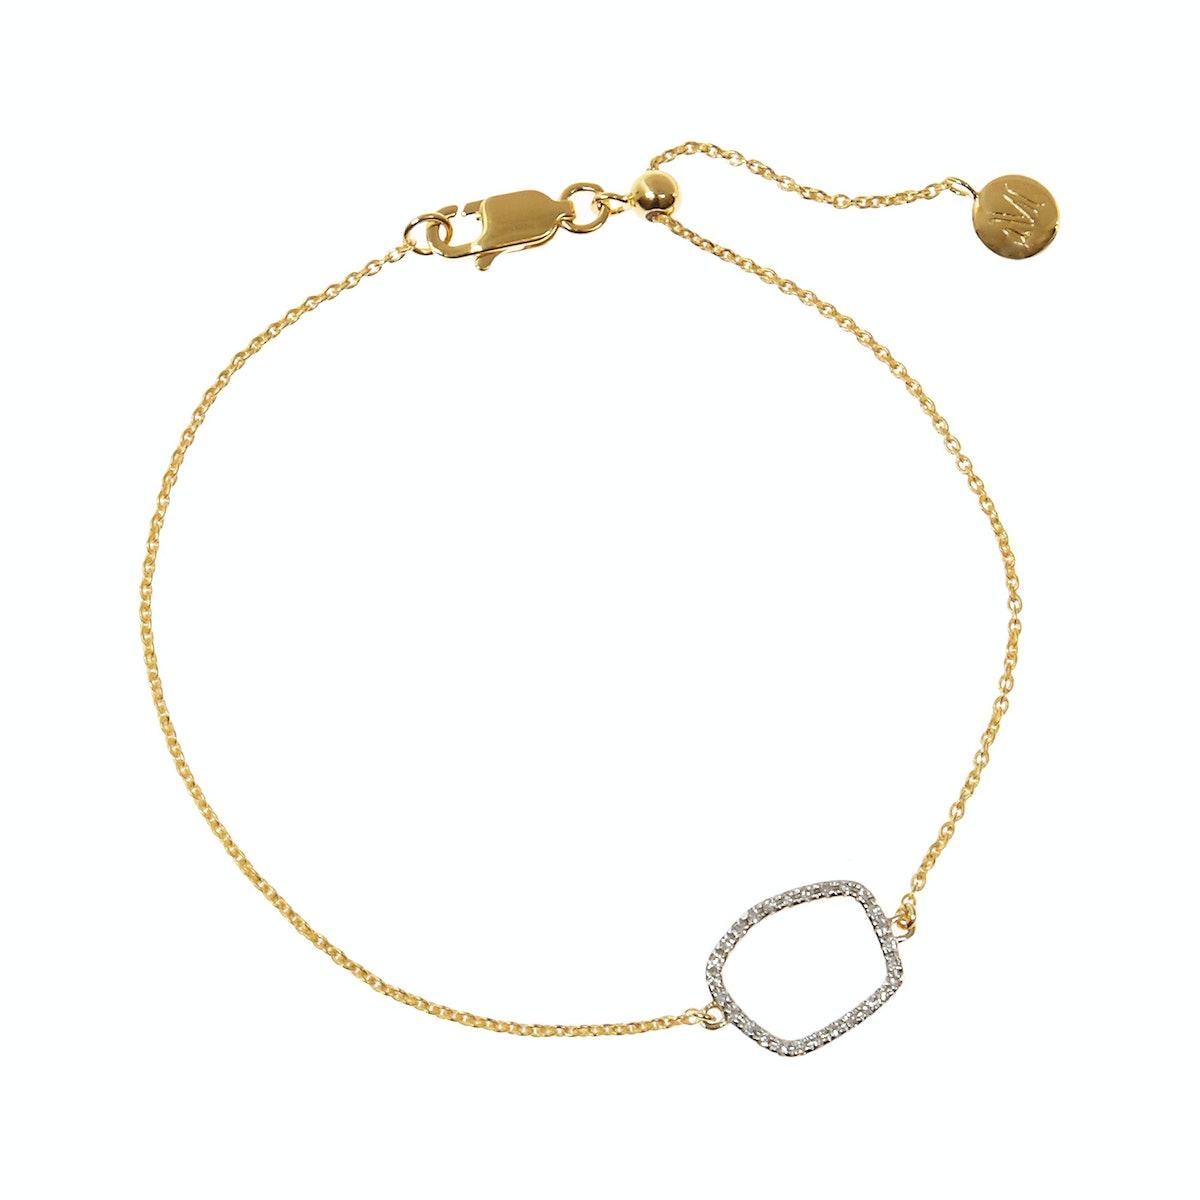 Monica Vinader Riva gold-plated diamond bracelet